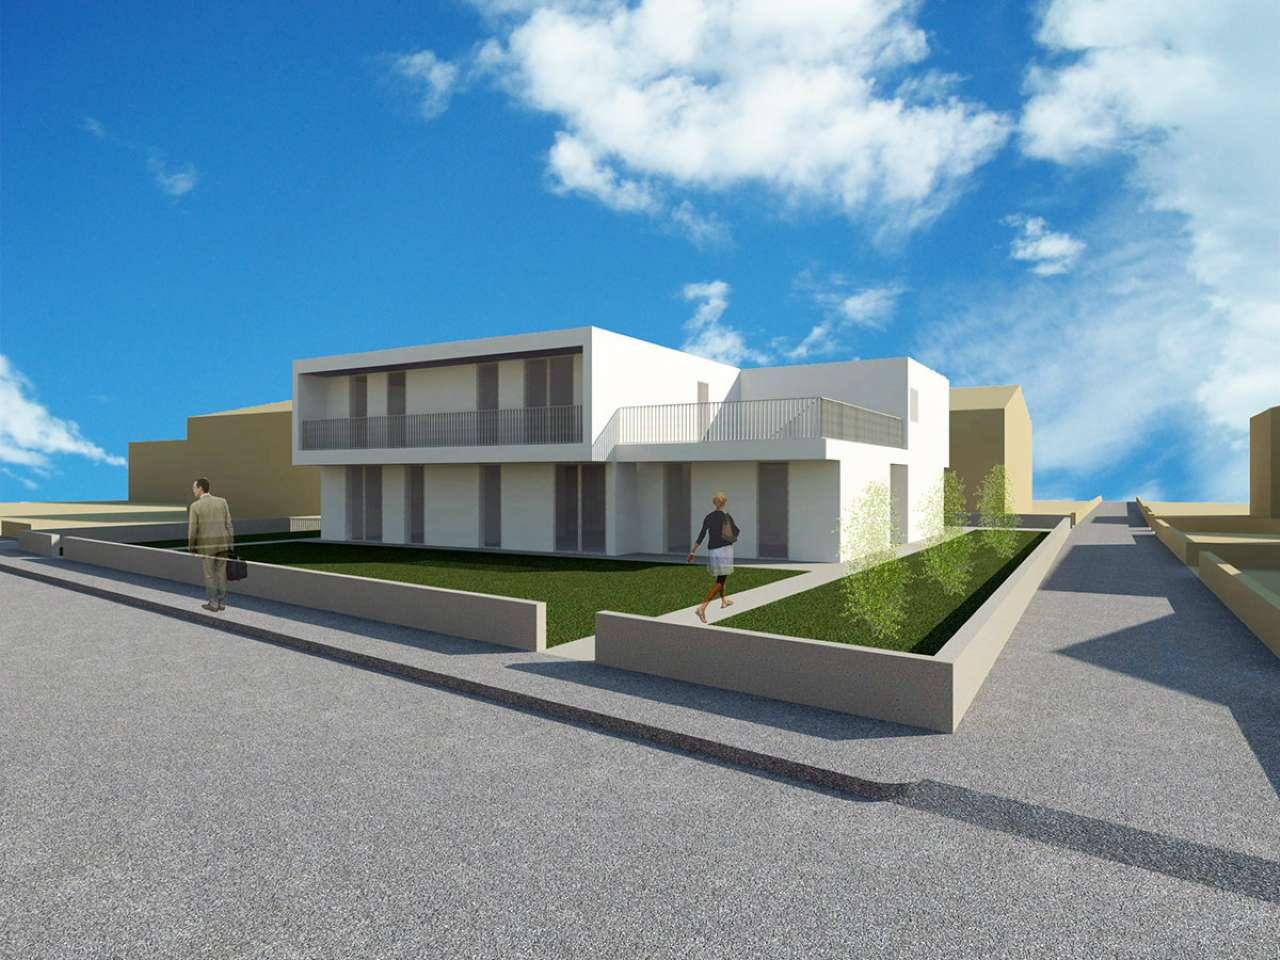 Appartamento in vendita a Legnaro, 4 locali, prezzo € 175.000 | CambioCasa.it